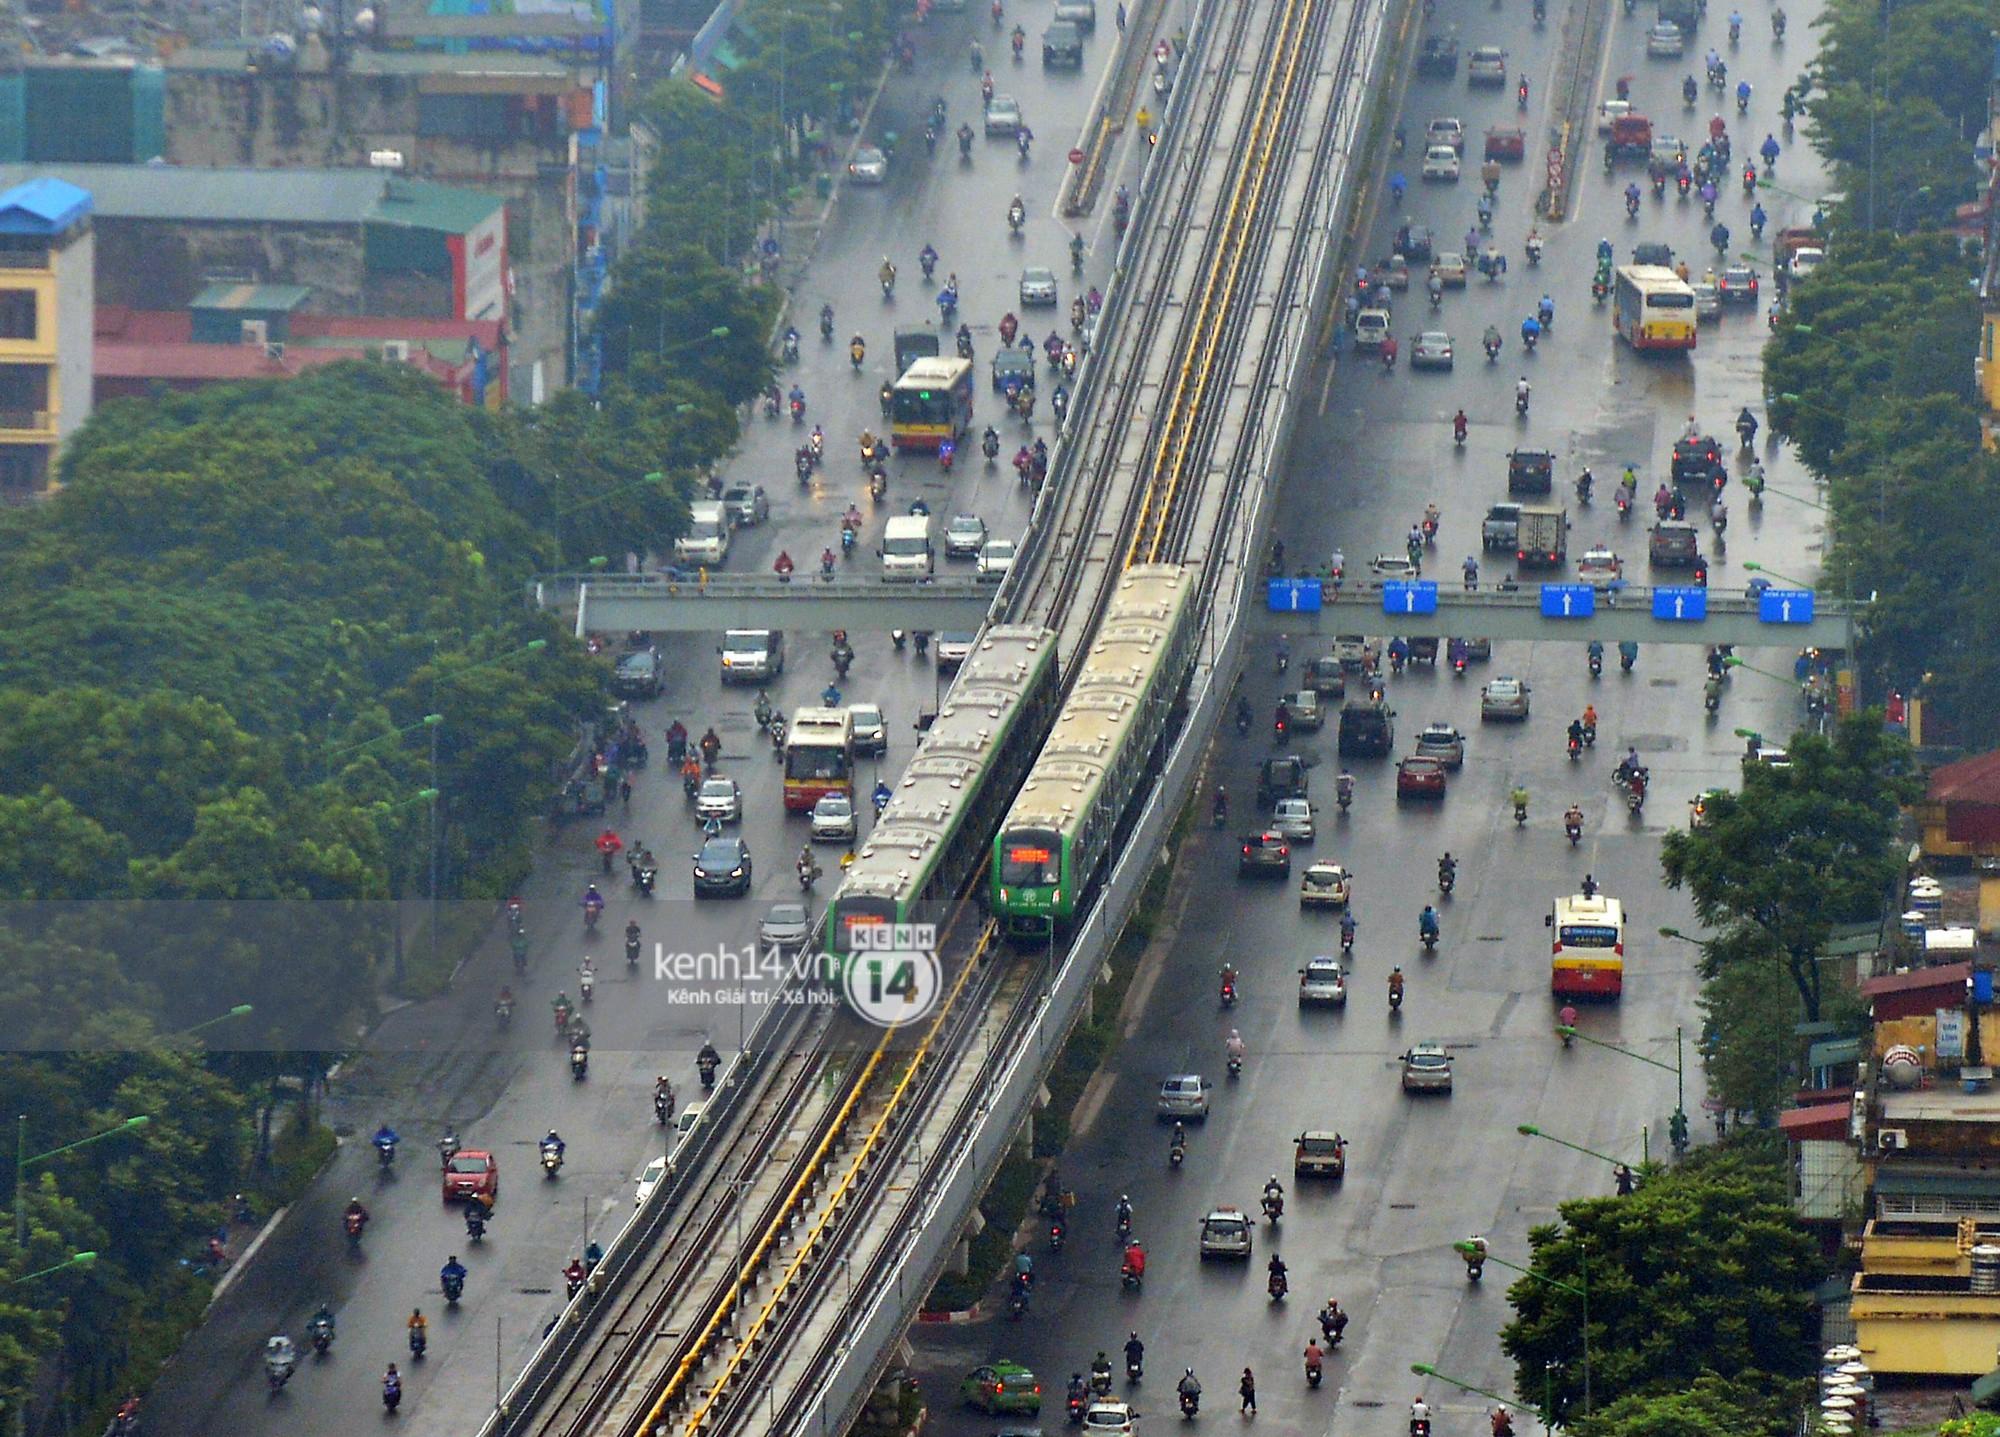 4 đoàn tàu đường sắt trên cao bất ngờ di chuyển trong mưa trước ngày chạy thử-5